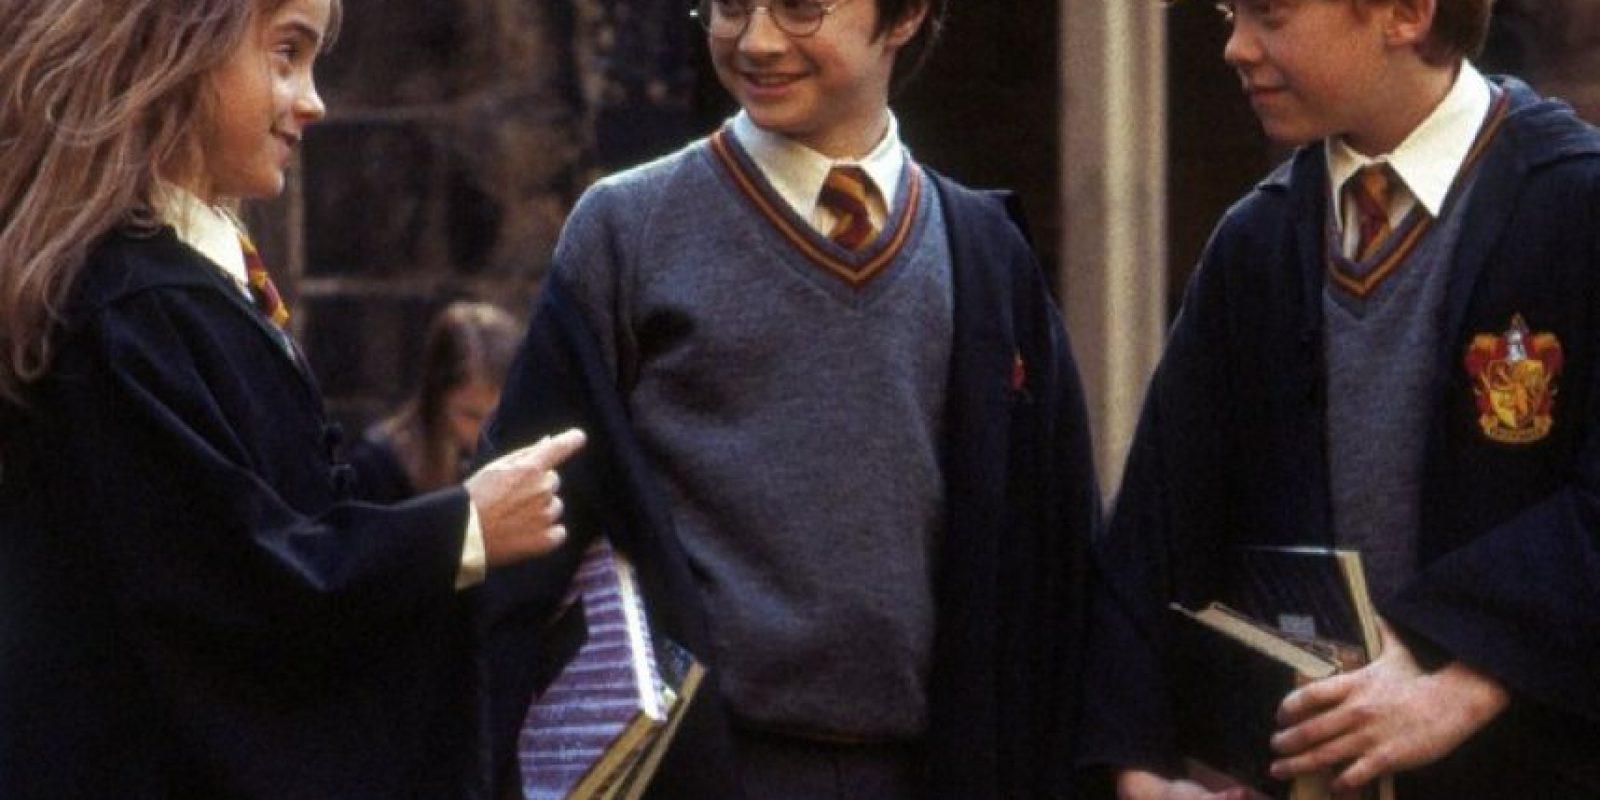 """""""Hermione"""" regresó a la escuela para completar su séptimo año de estudios y graduarse. Foto:Vía Facebook.com/harrypottermovie"""